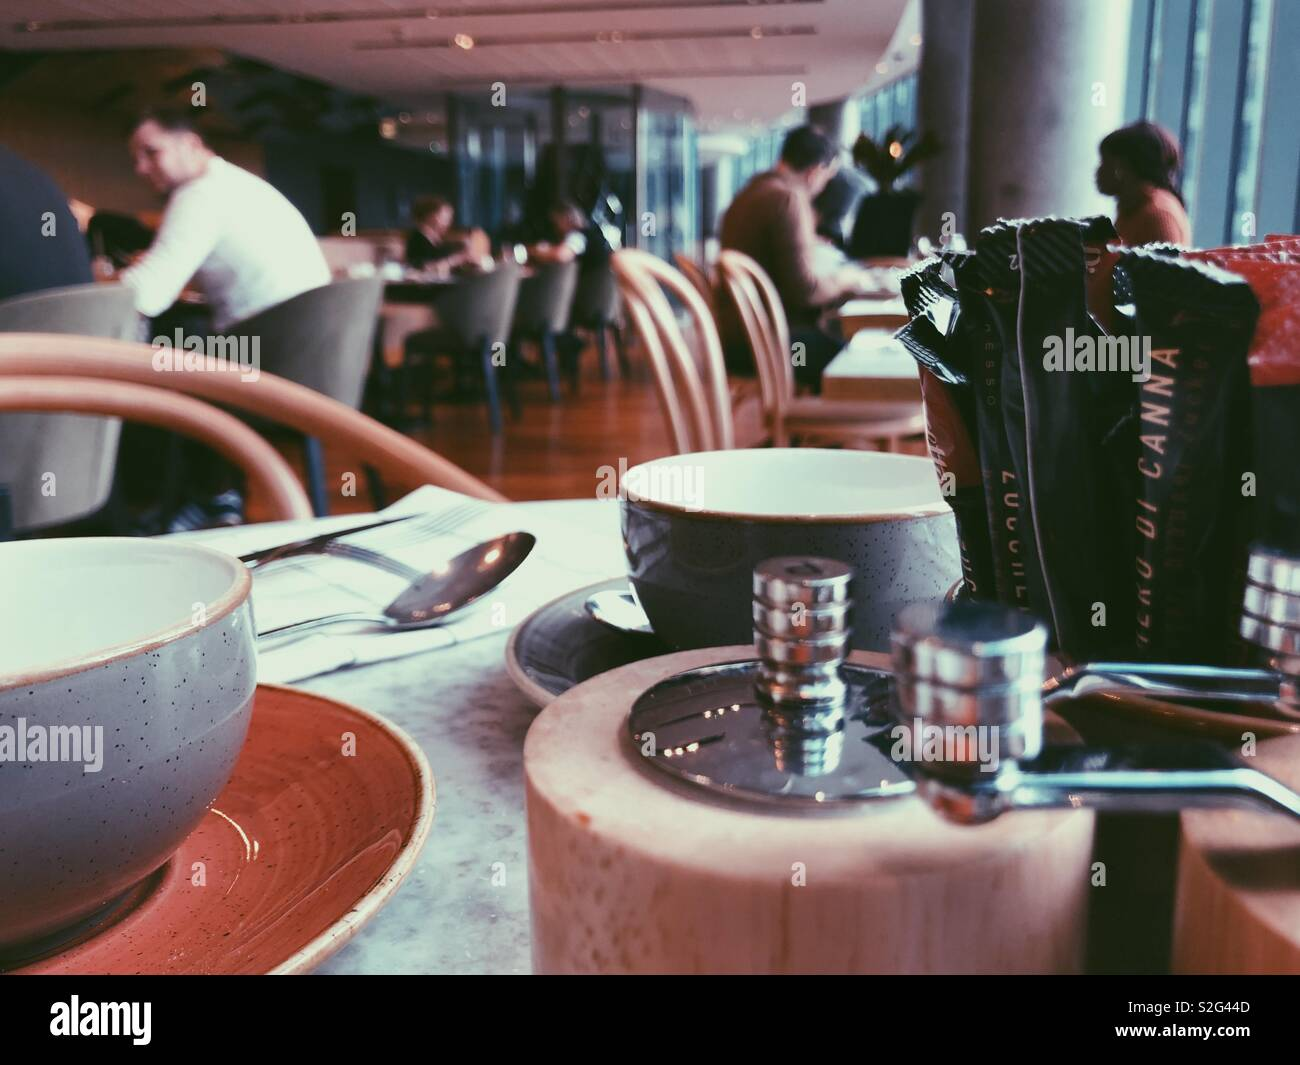 Vista de tabla de gente sentada en el bufé romper tablas en un hotel típico de Reino Unido. Imagen De Stock